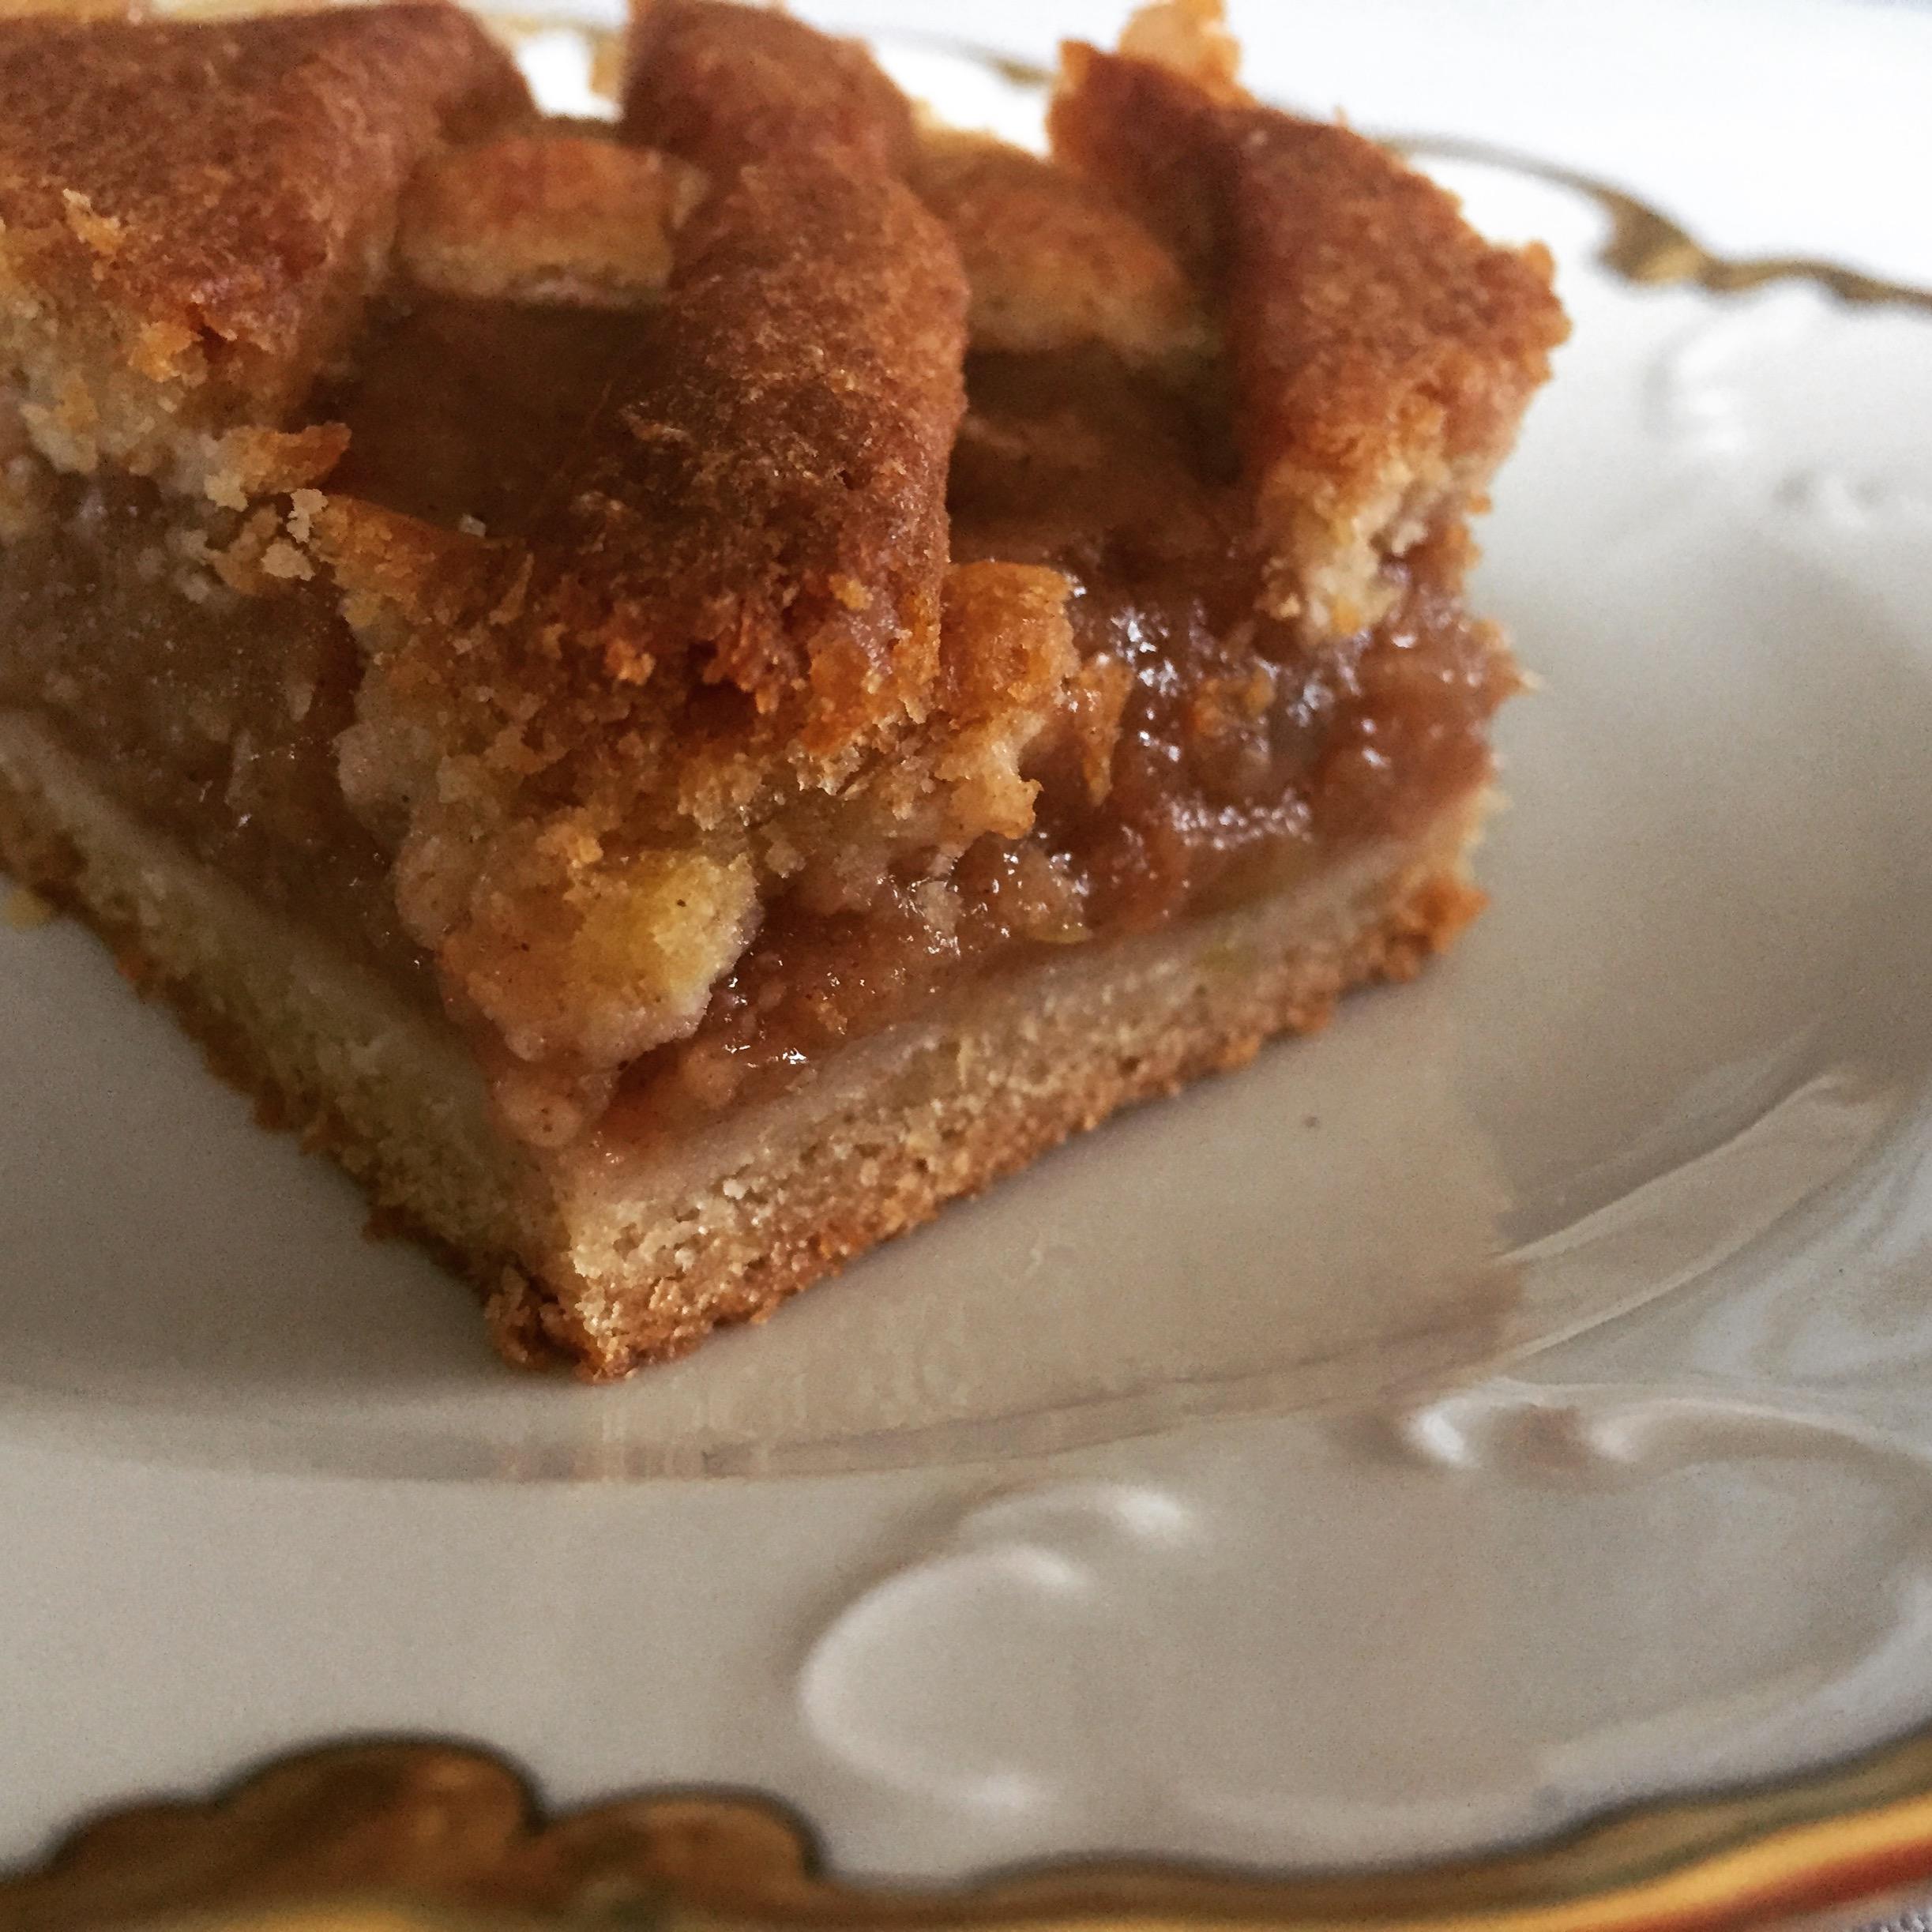 szarlotka, jesienne ciasto